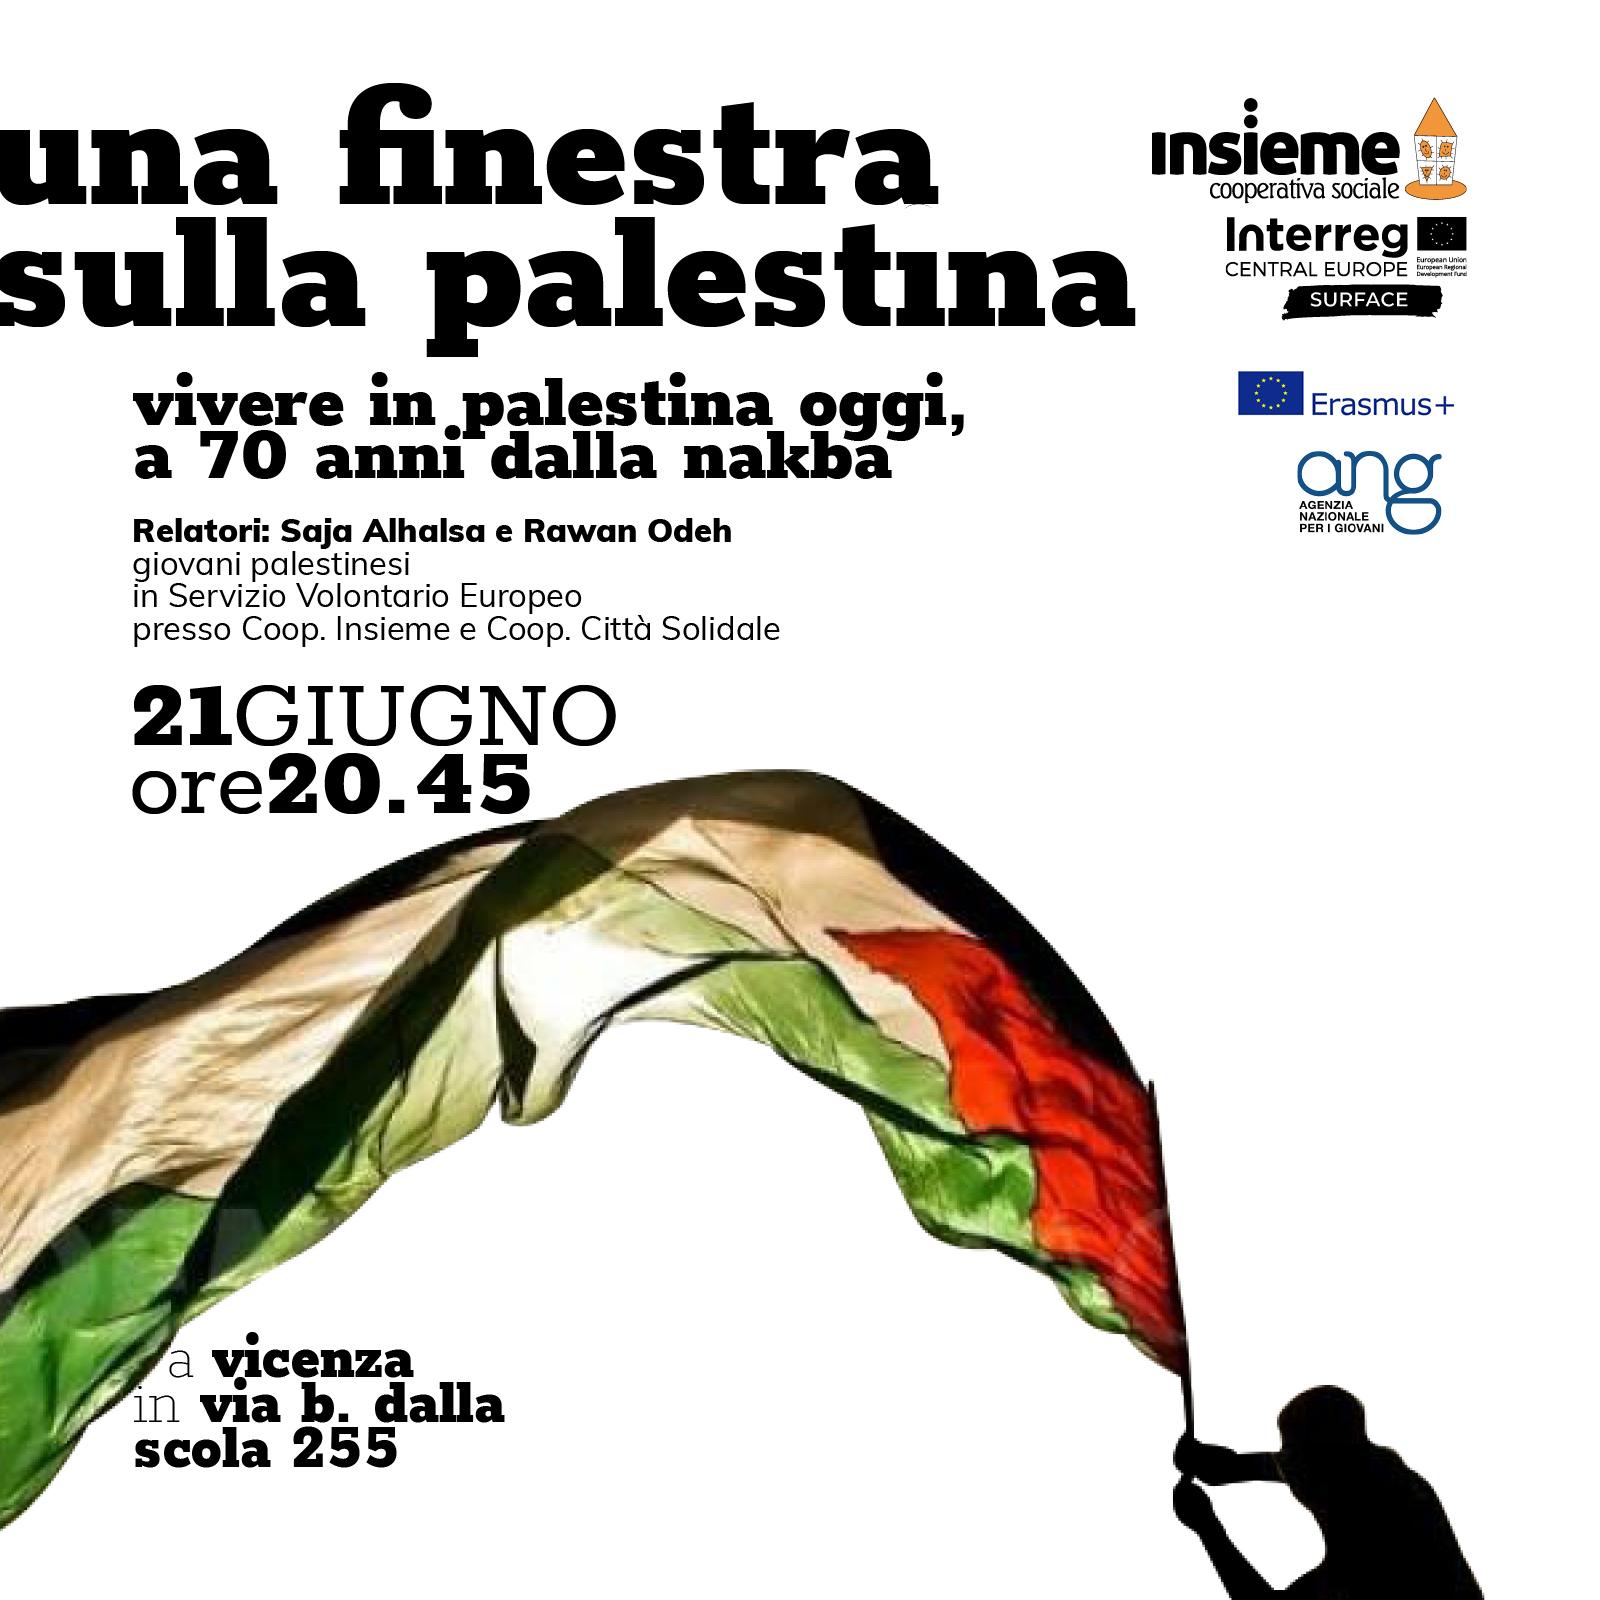 Una finestra sulla Palestina | giovedì 21 giugno 2018